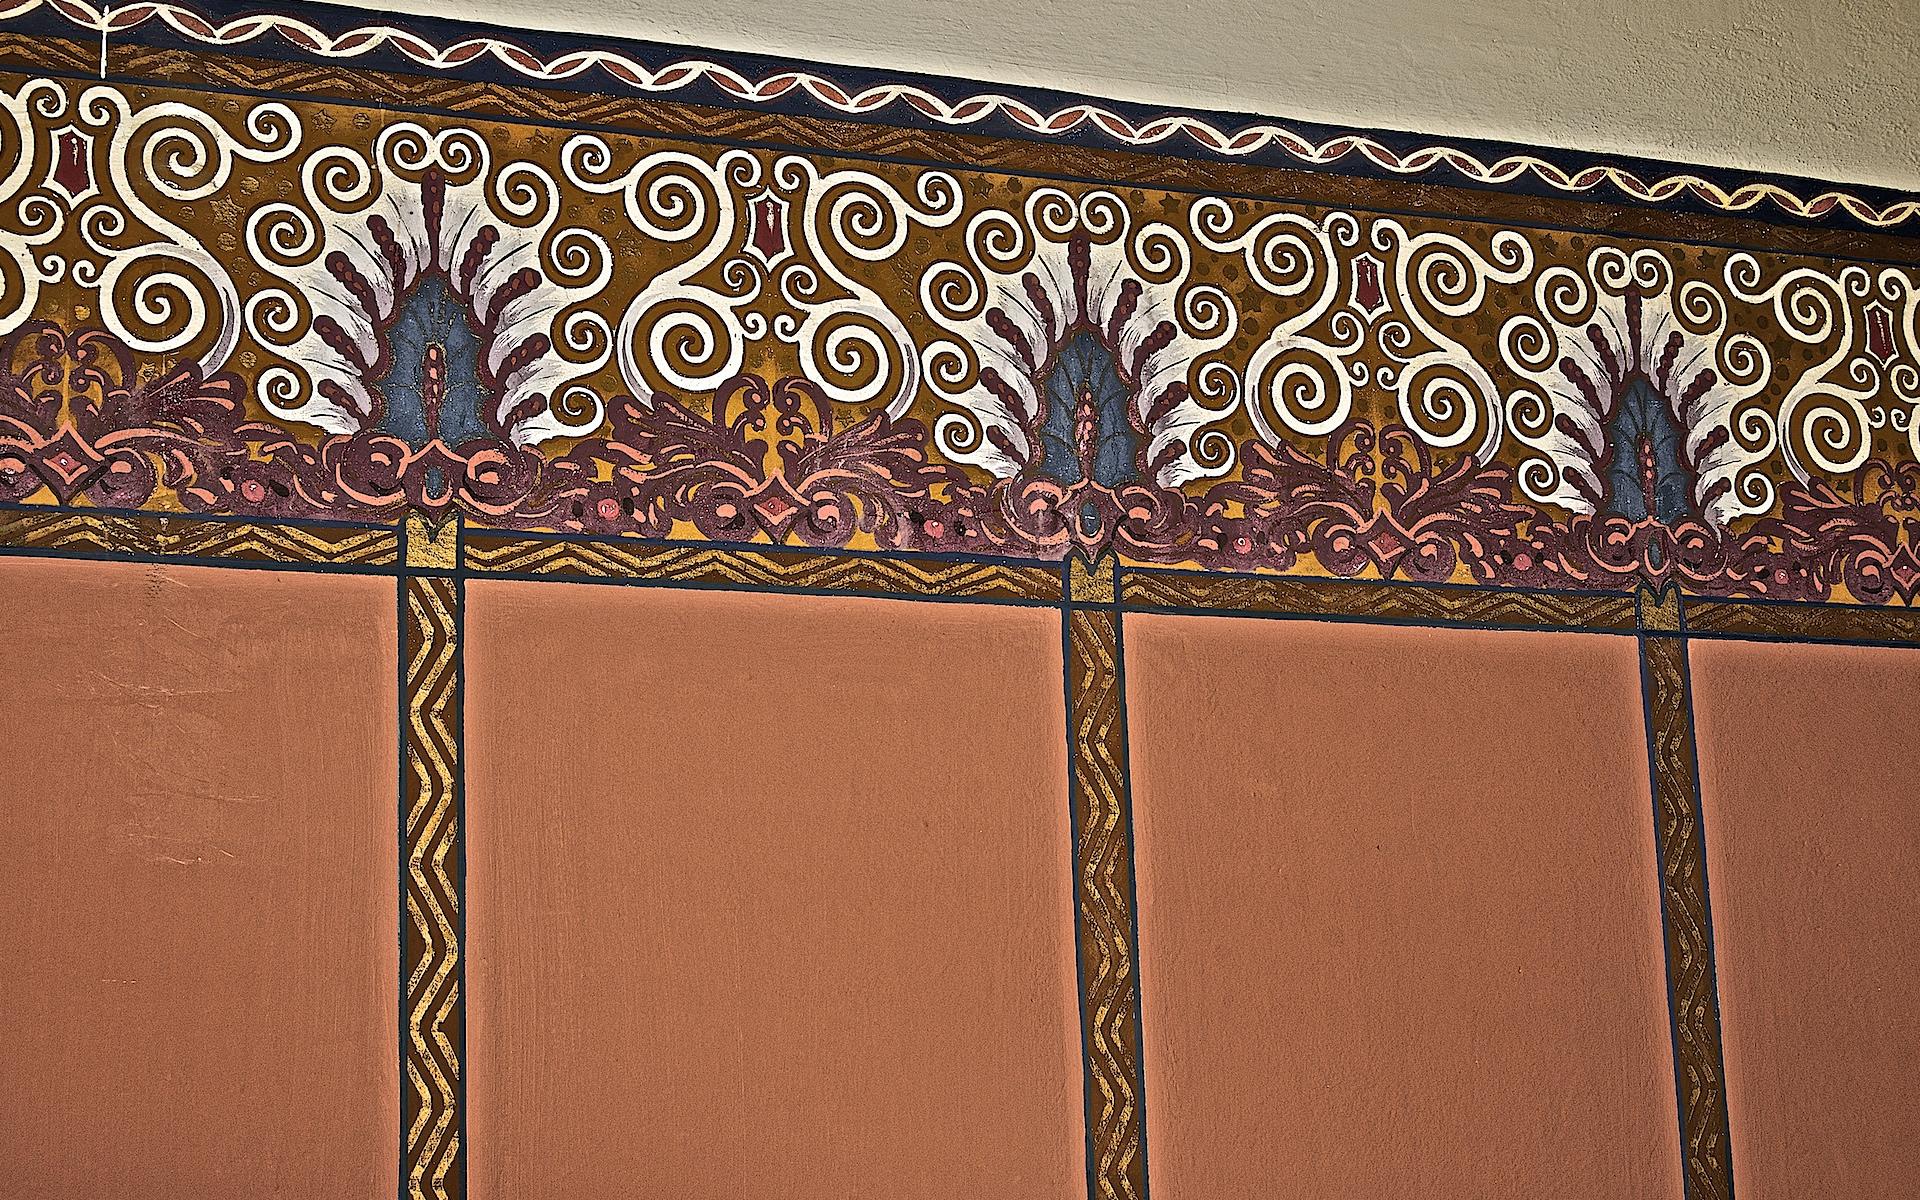 file:decori liberty alle pareti interne.jpg - wikimedia commons - Decori Pareti Interne